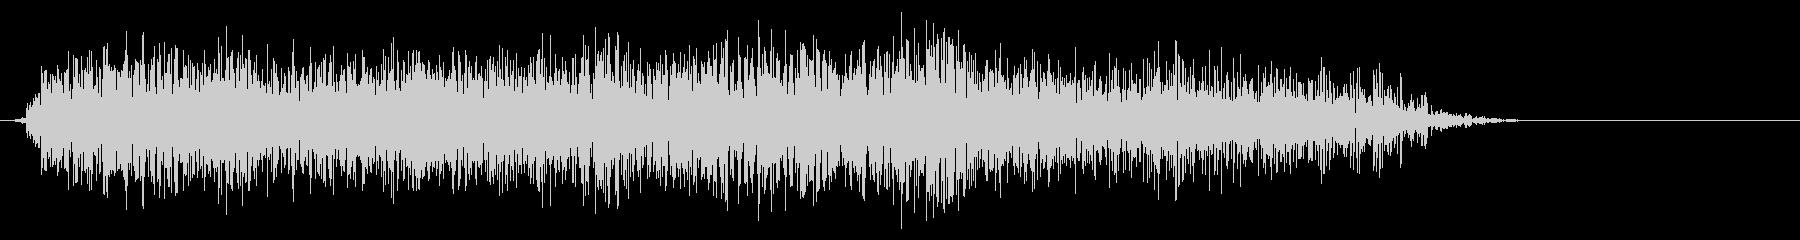 エレクトリックギター:スライドパワ...の未再生の波形